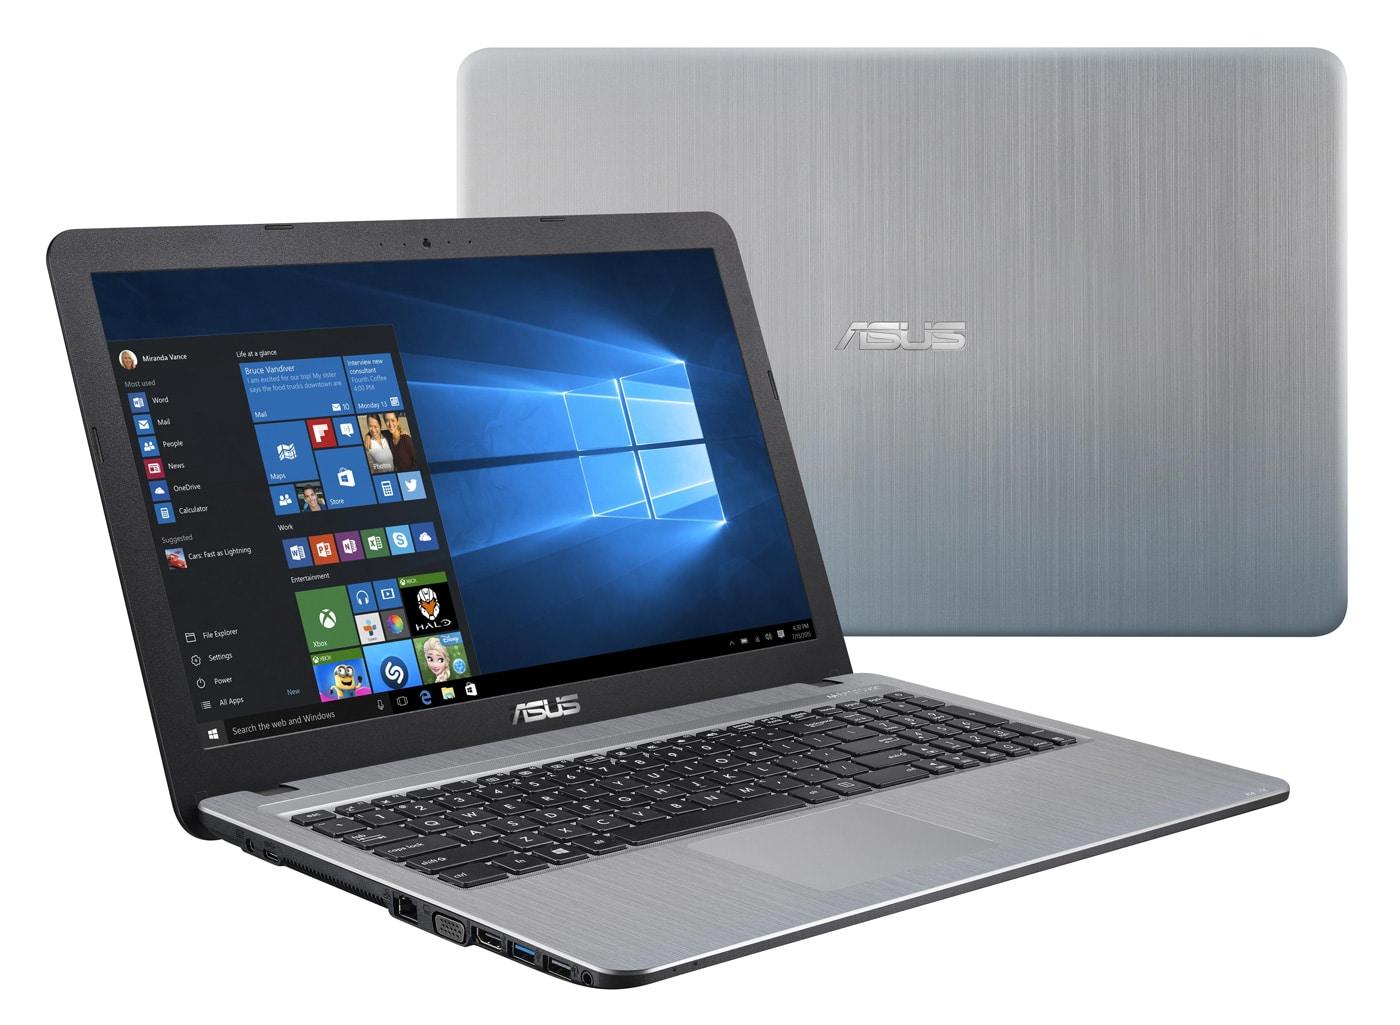 Asus R541UJ-GQ294T à 499€, PC portable 15 pouces mat 8 Go i3 920M argent